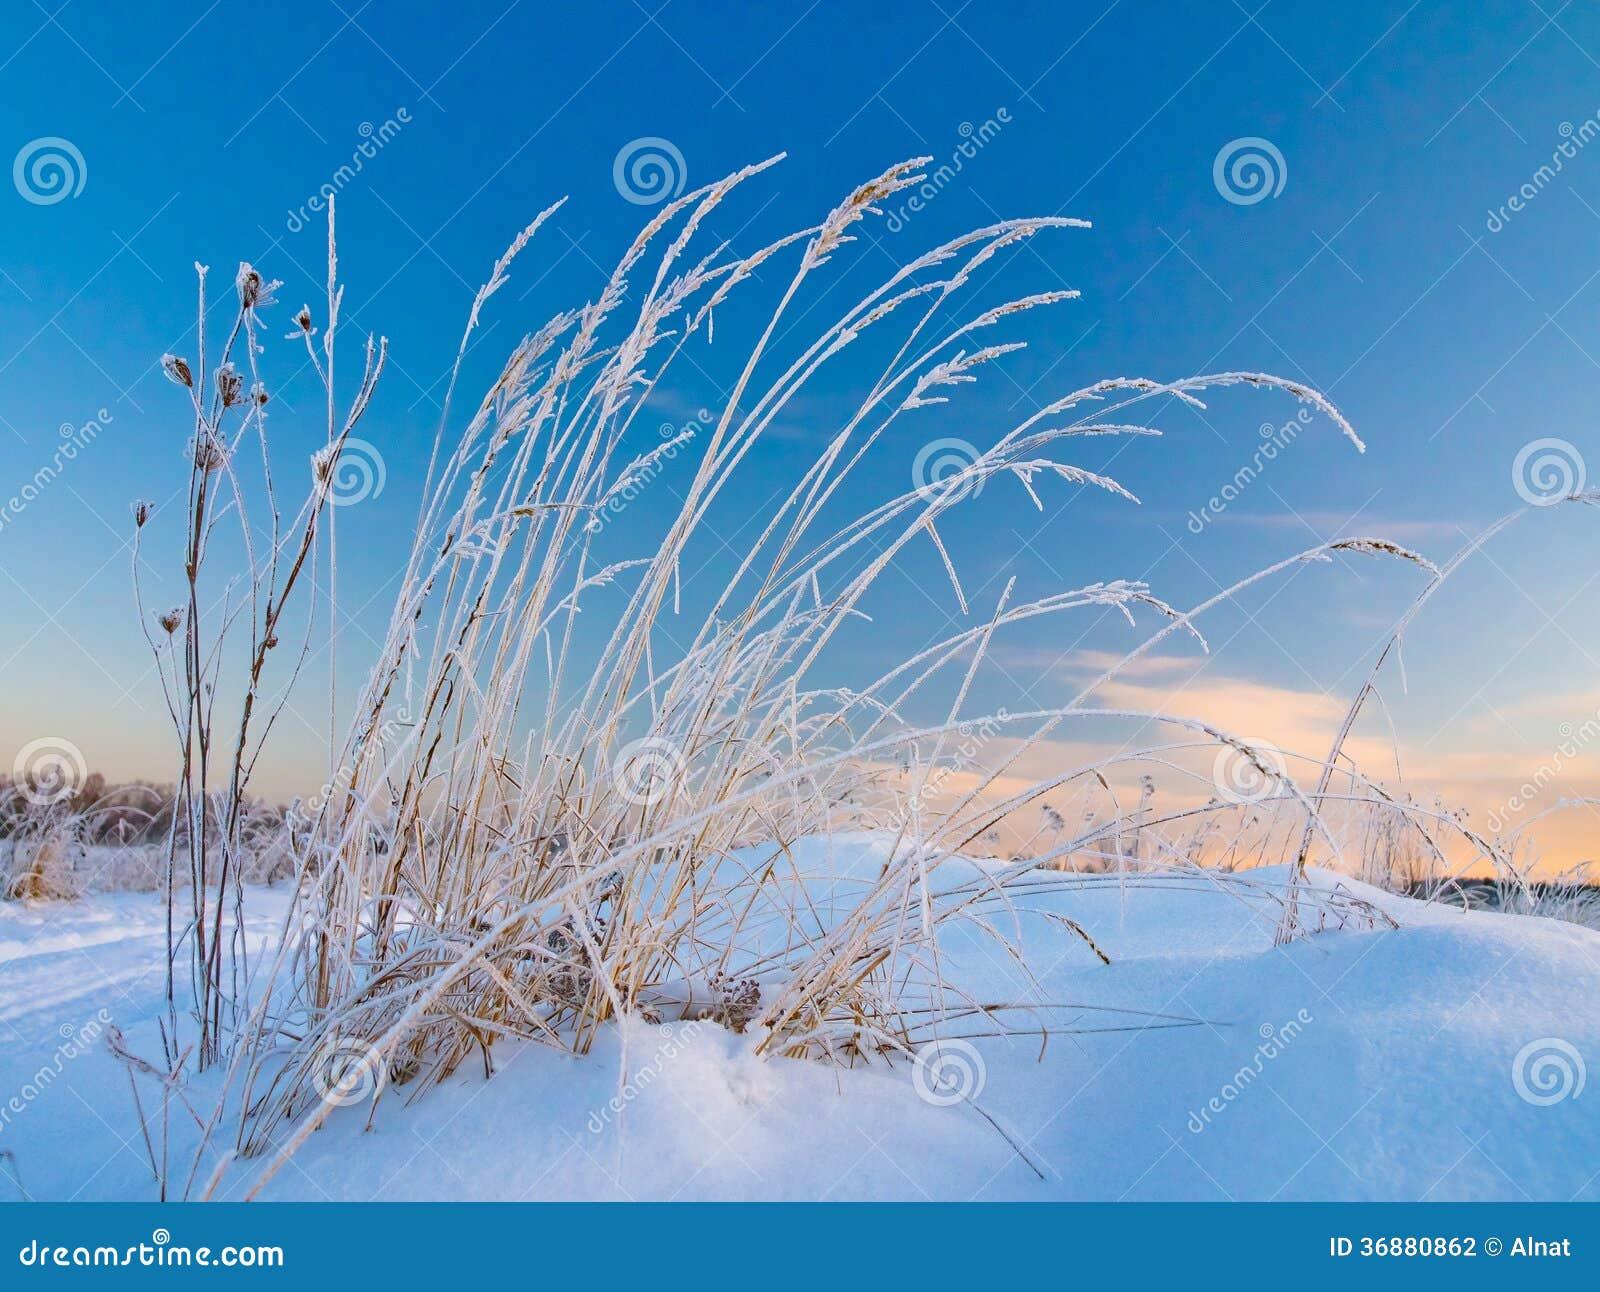 Download Scena di inverno fotografia stock. Immagine di paesaggio - 36880862